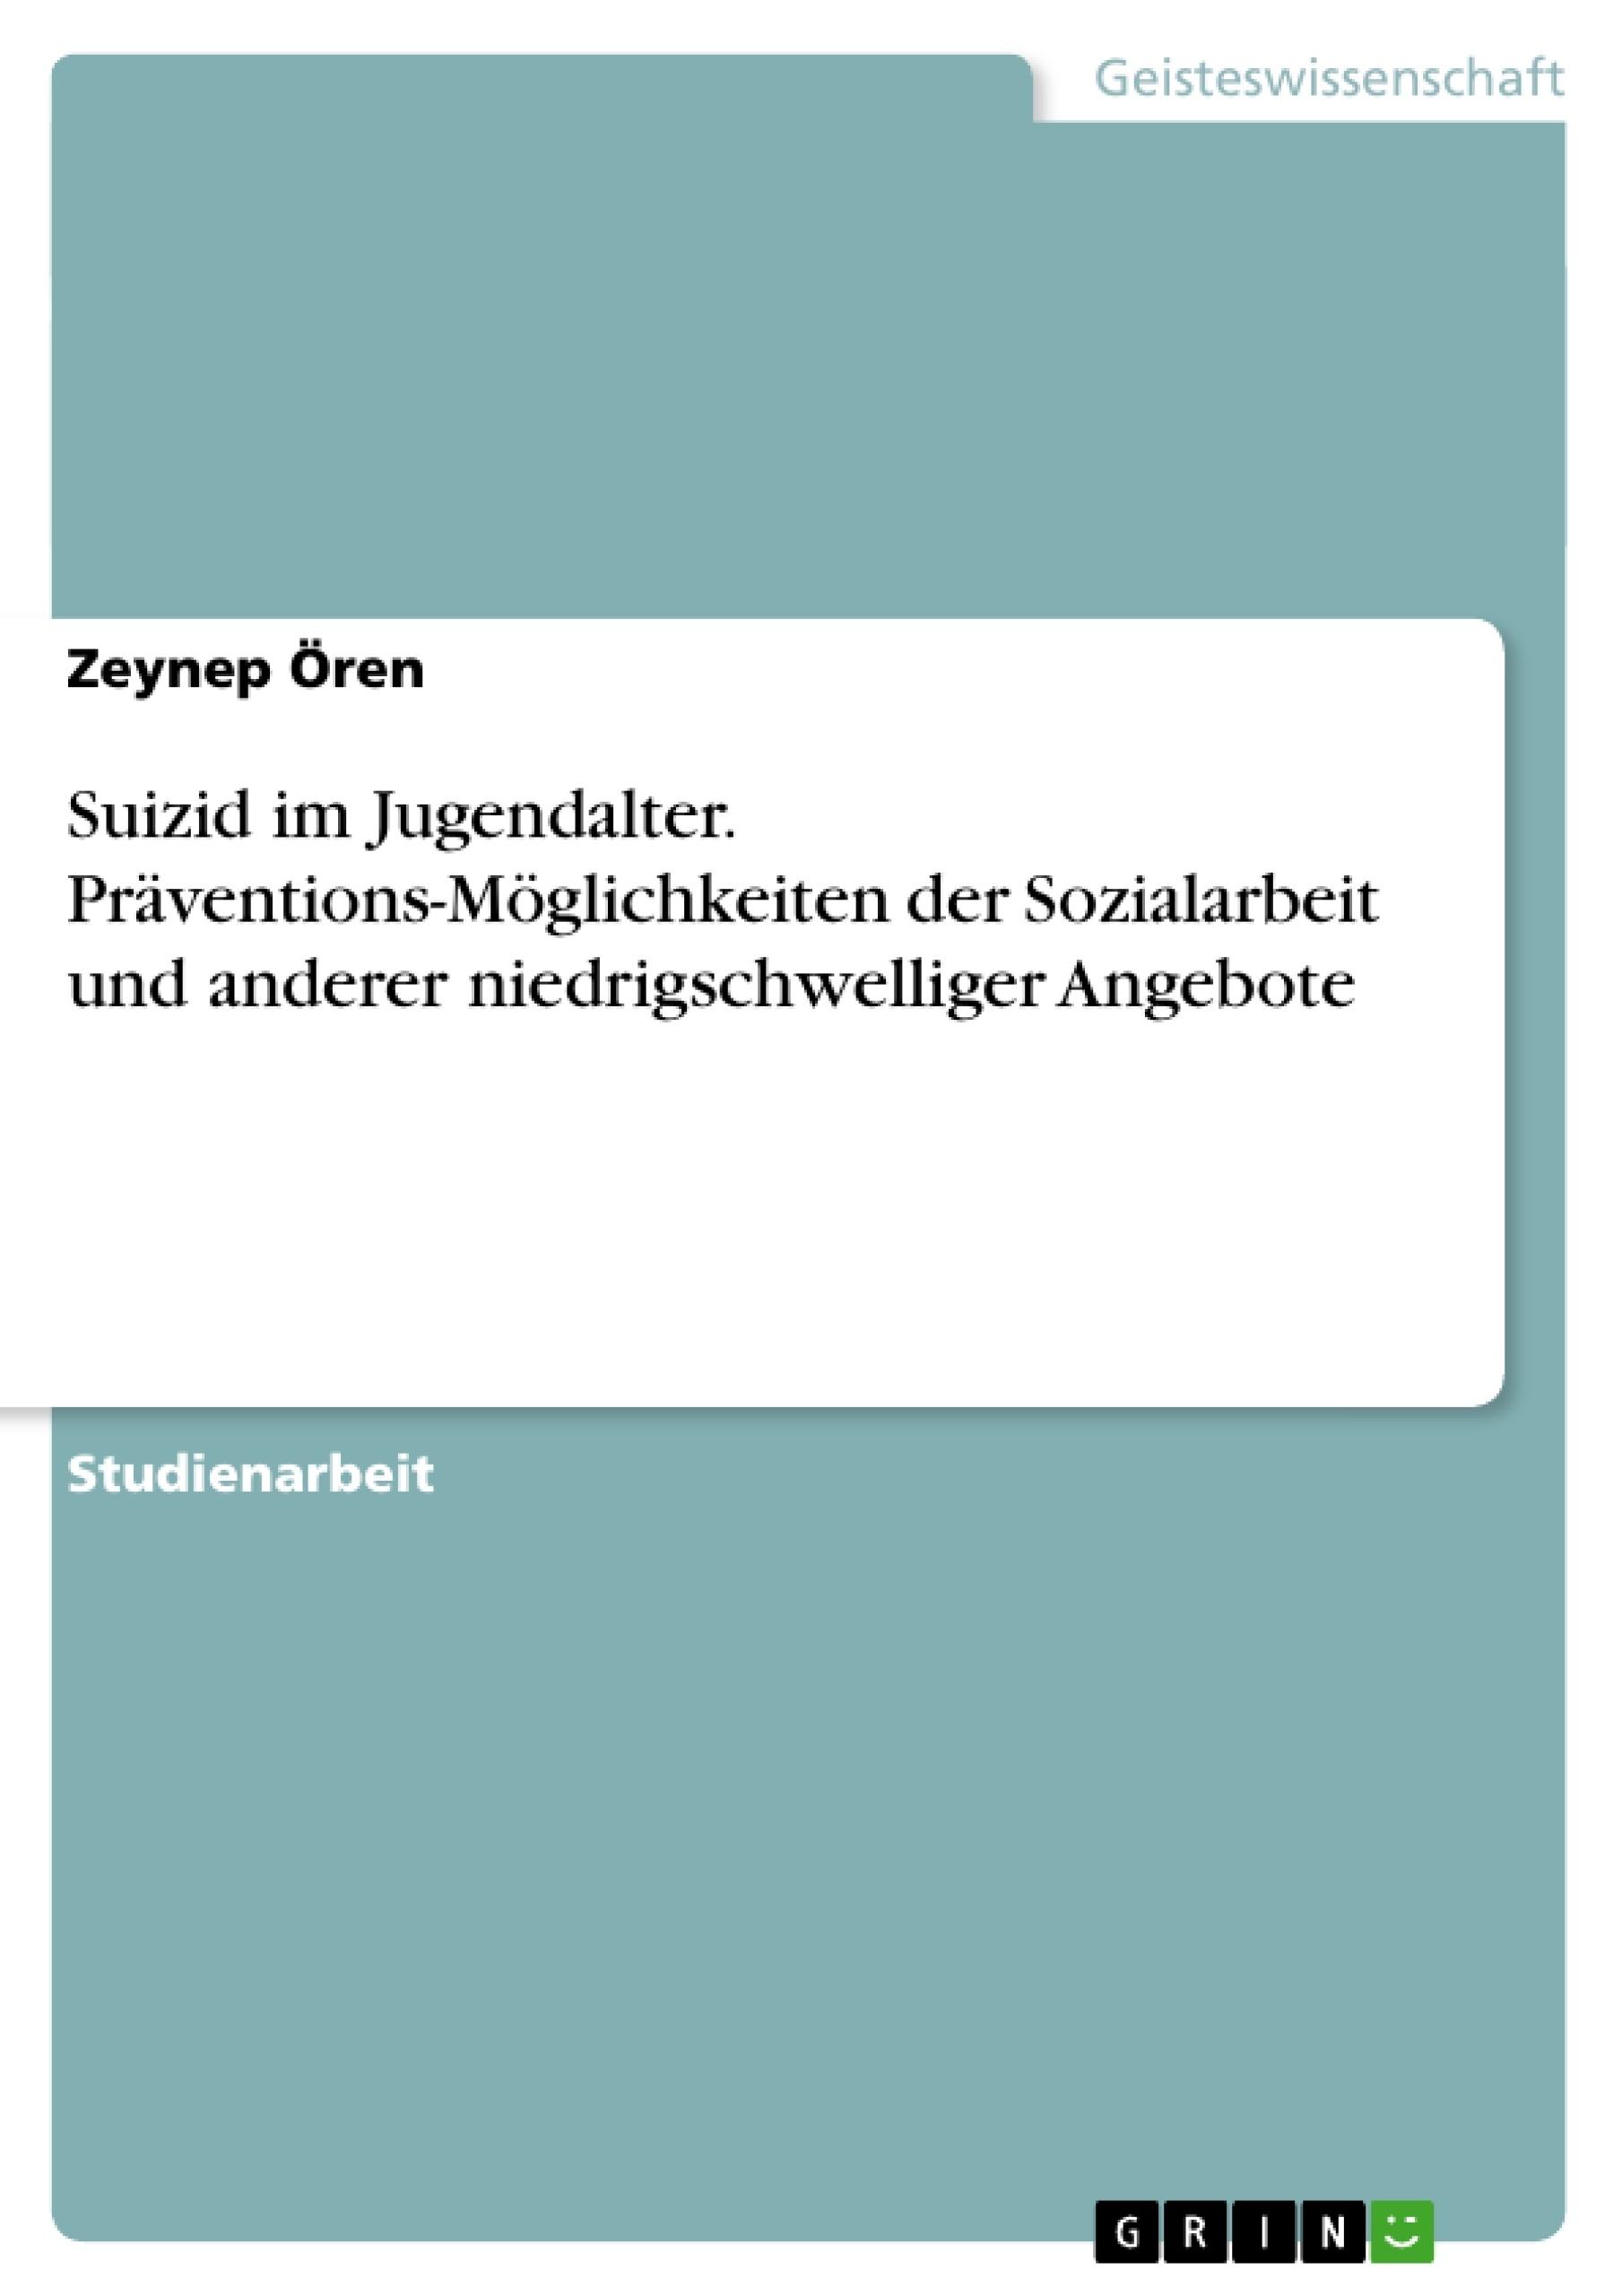 Titel: Suizid im Jugendalter. Präventions-Möglichkeiten der Sozialarbeit und anderer niedrigschwelliger Angebote